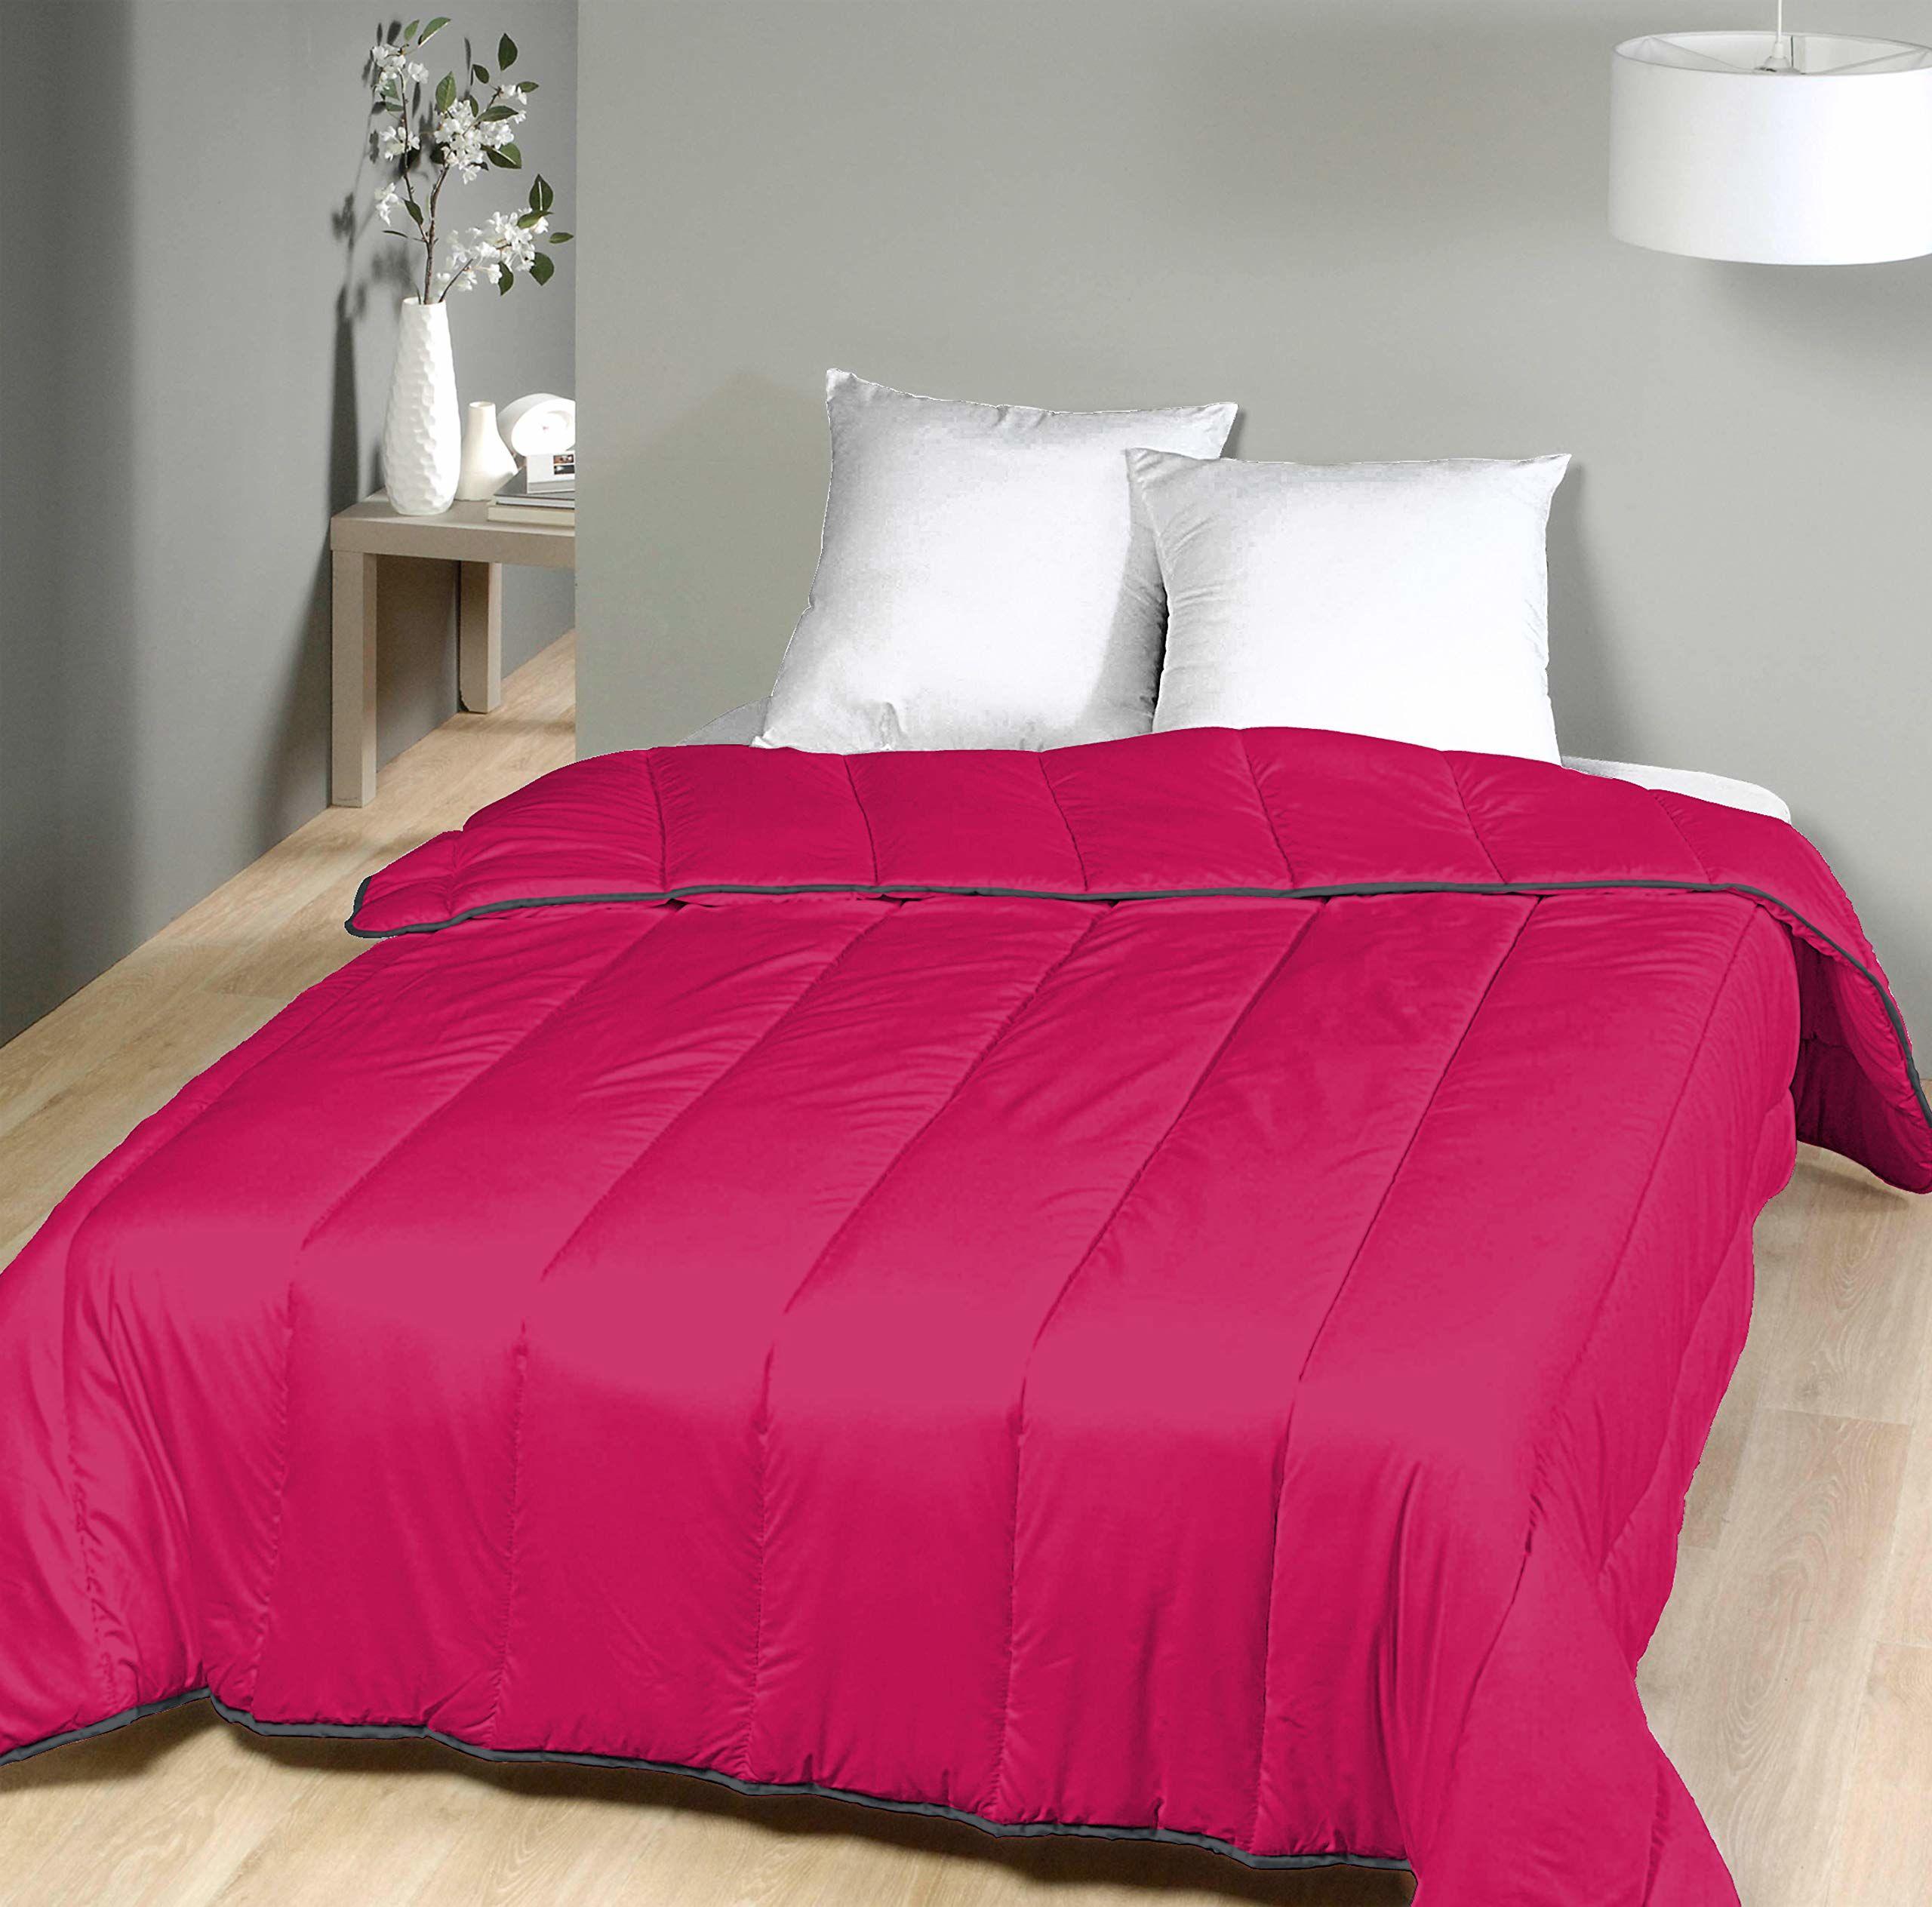 Laurentmortreux Kołdra pikowana, 240 x 260 cm, ciepła, poliester, 240 x 260 cm, Hot Pink